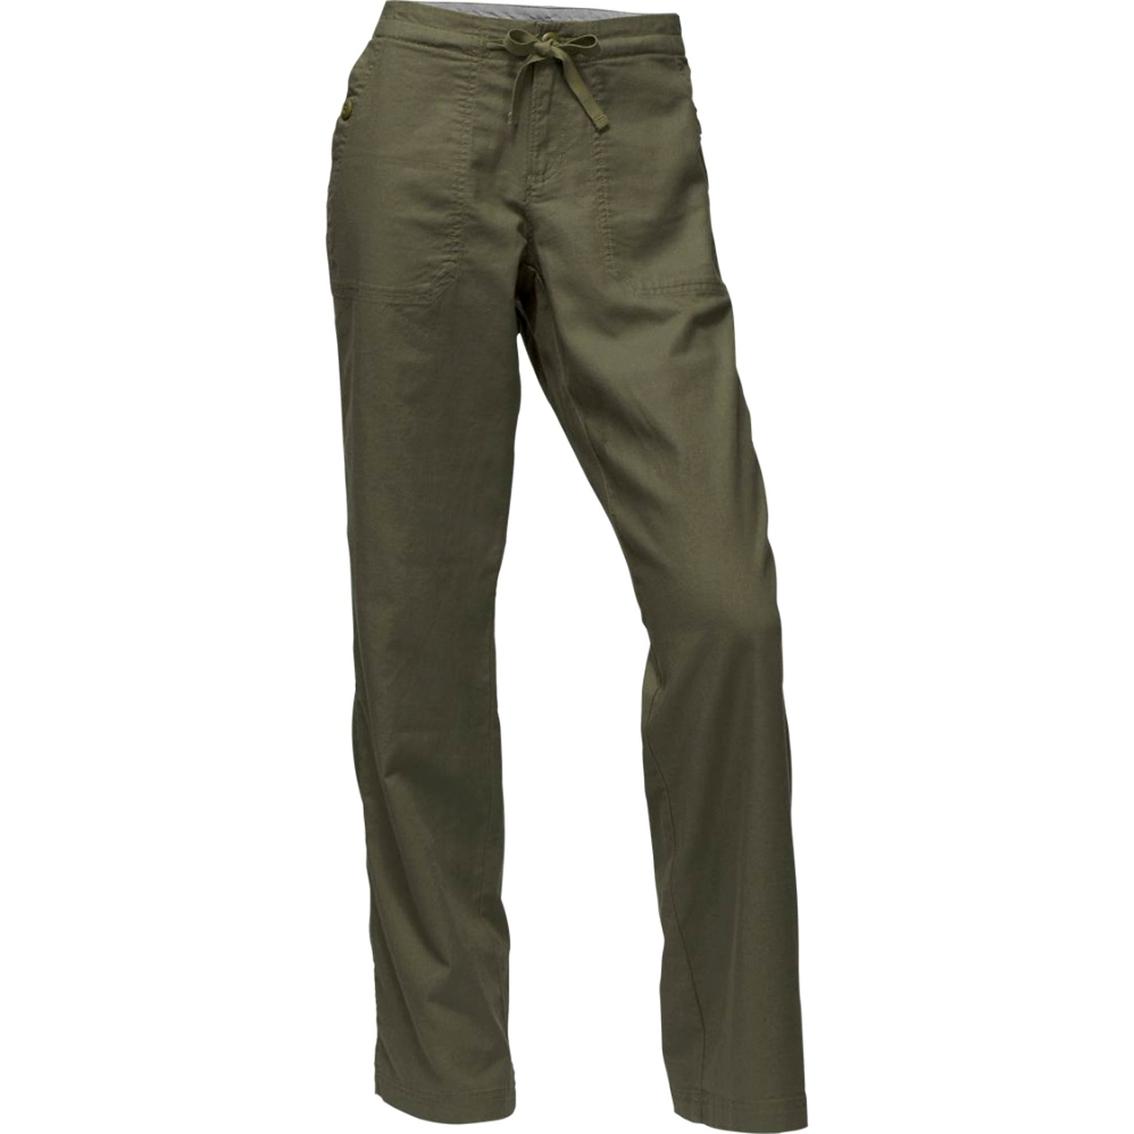 tania wyprzedaż usa pierwsza stawka strona internetowa ze zniżką The North Face Sandy Shores Wide Leg Short Pants | Pants ...